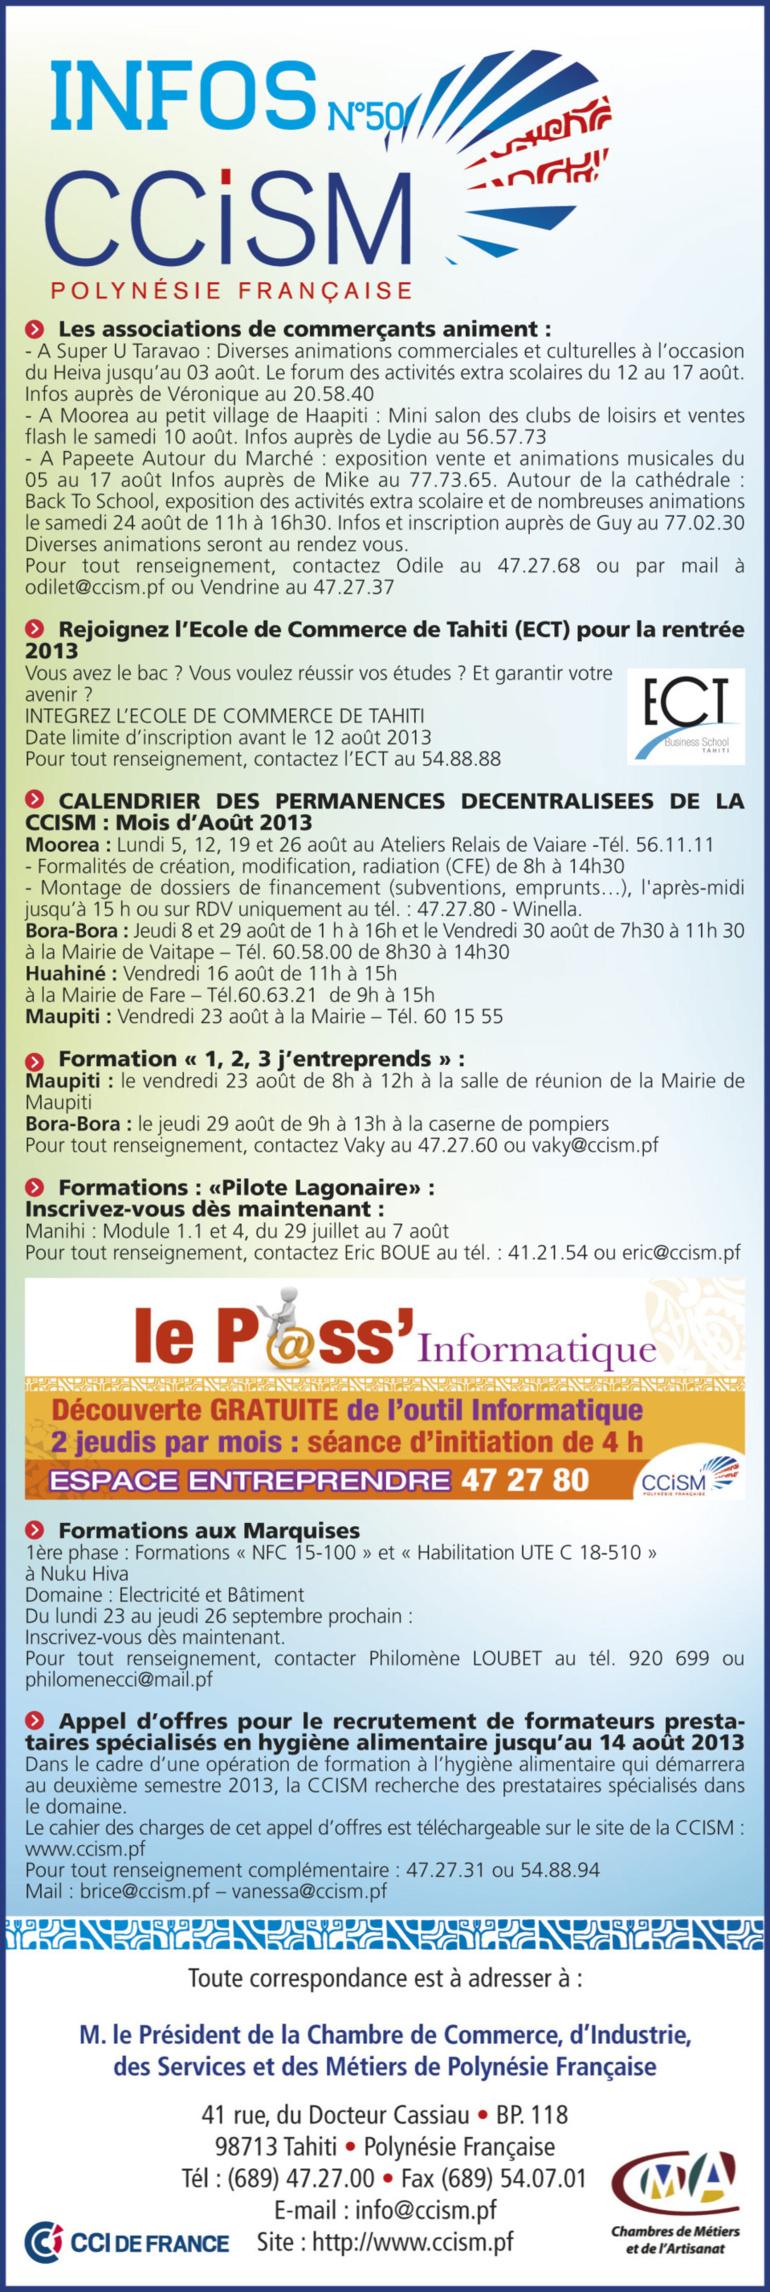 Infos CCISM N°50